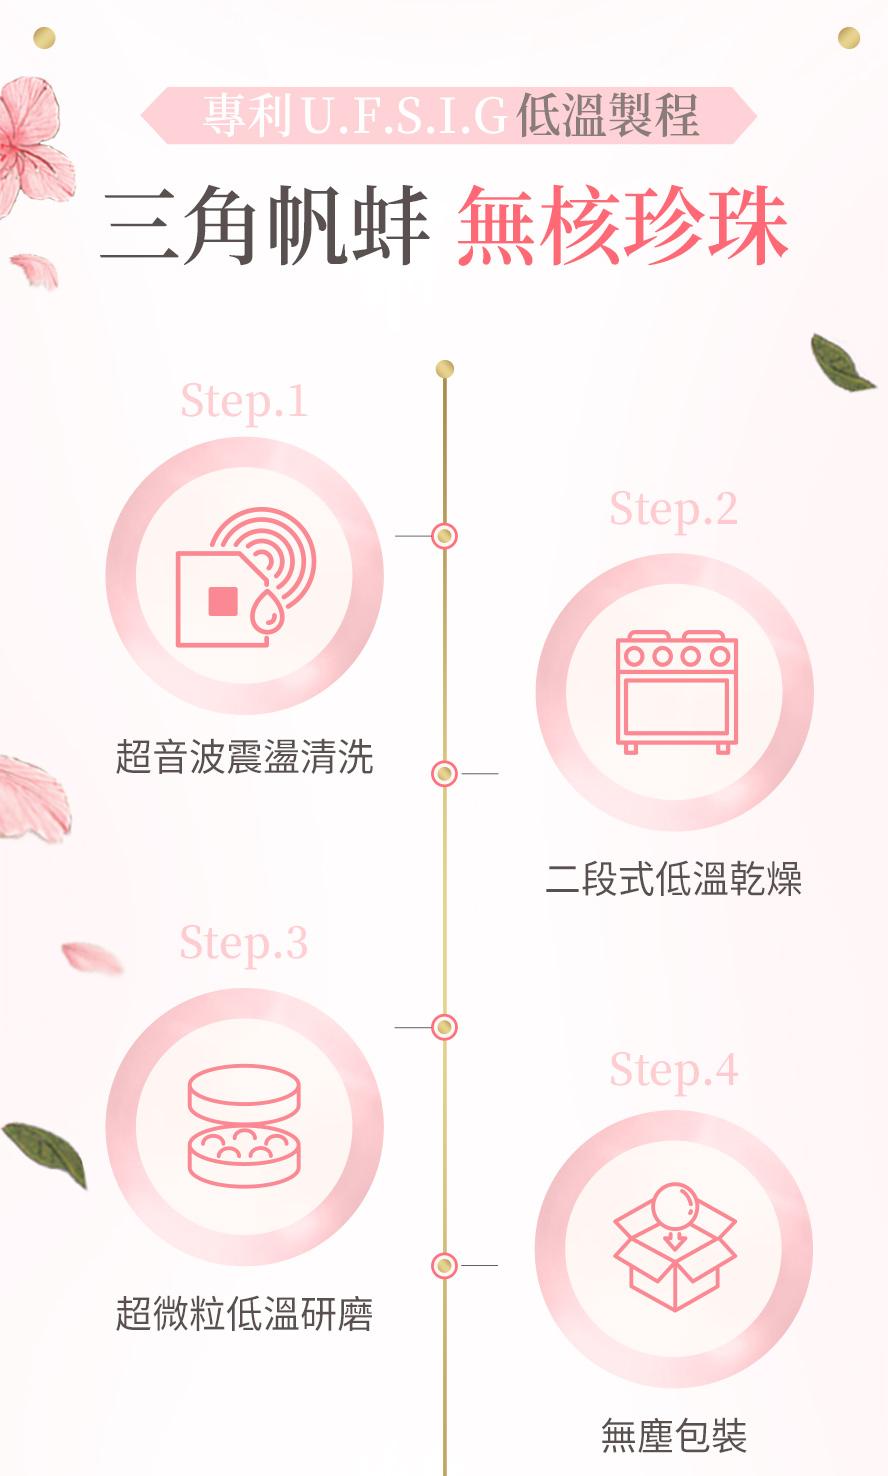 珍珠粉膠囊採用U.F.S.I.G低溫製程,專利微米技術保留高活性,有效去除雜質,完整保留珍珠蛋白.